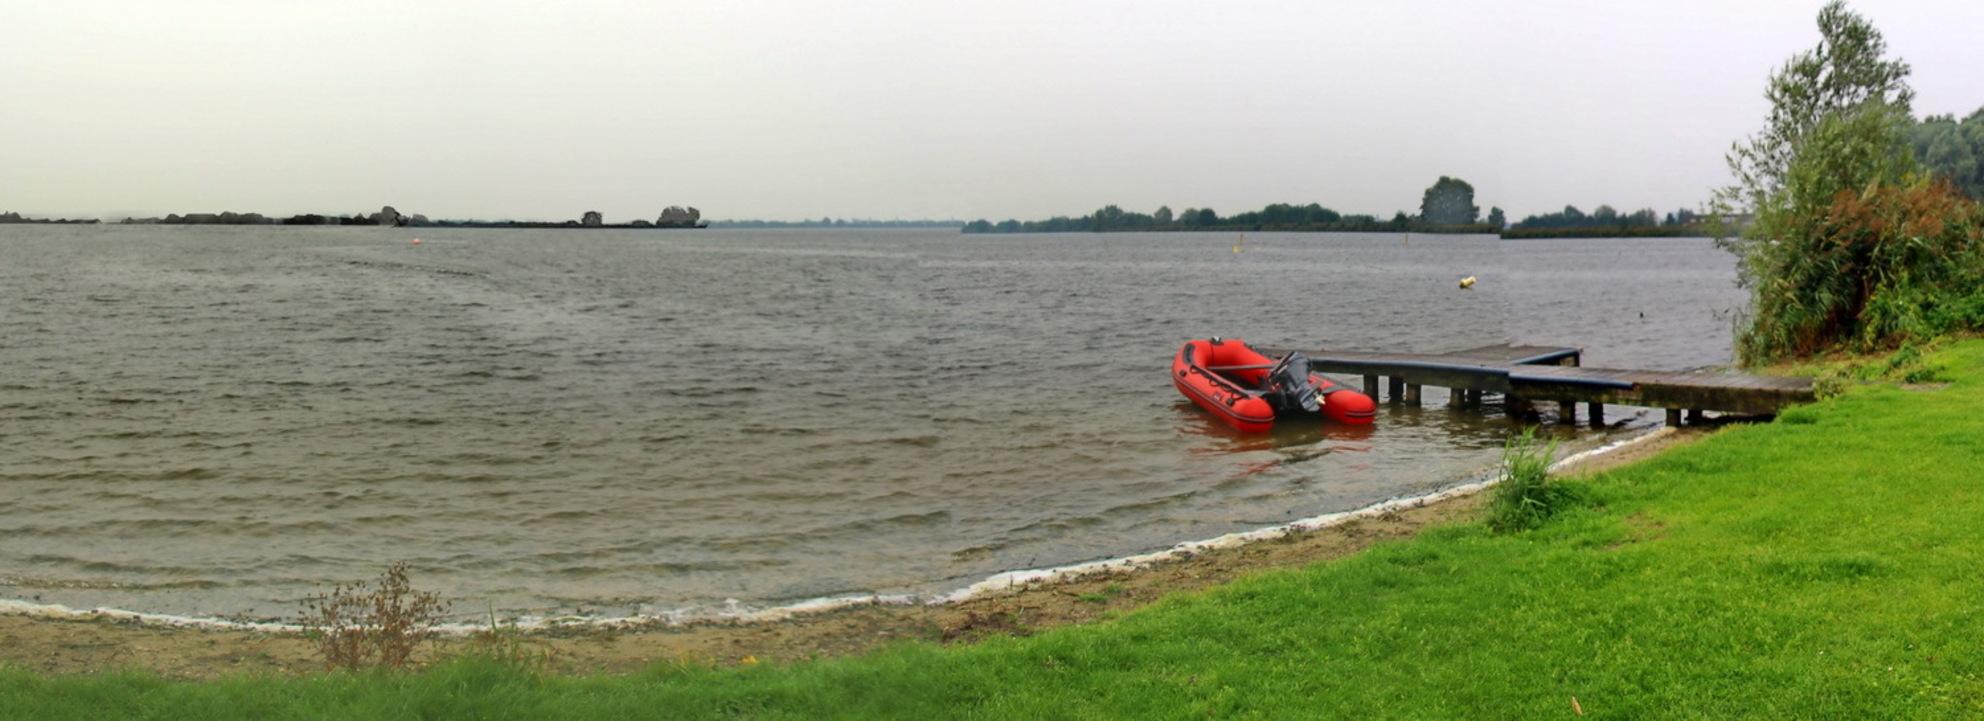 Panorama Reeuwijkse Plassen - - - foto door fotohela op 29-10-2020 - deze foto bevat: lucht, dijk, panorama, natuur, licht, boot, herfst, landschap, meer, reeuwijk, polder, plas, reeuwijkse plassen - Deze foto mag gebruikt worden in een Zoom.nl publicatie